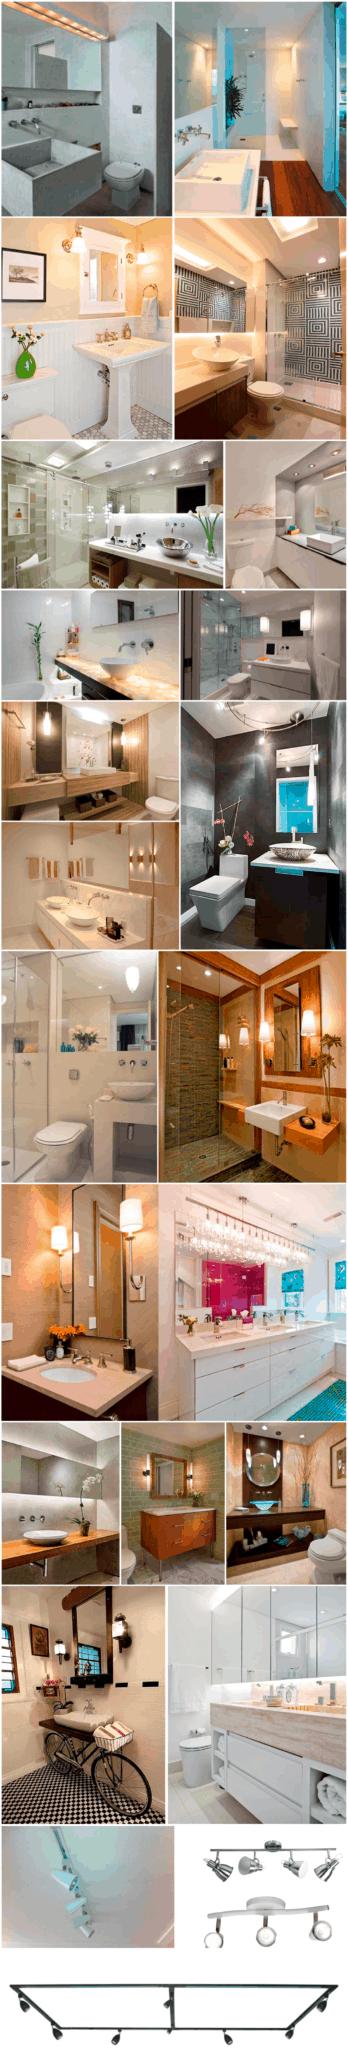 dica-dar-vida-nova-banheiro-iluminacao